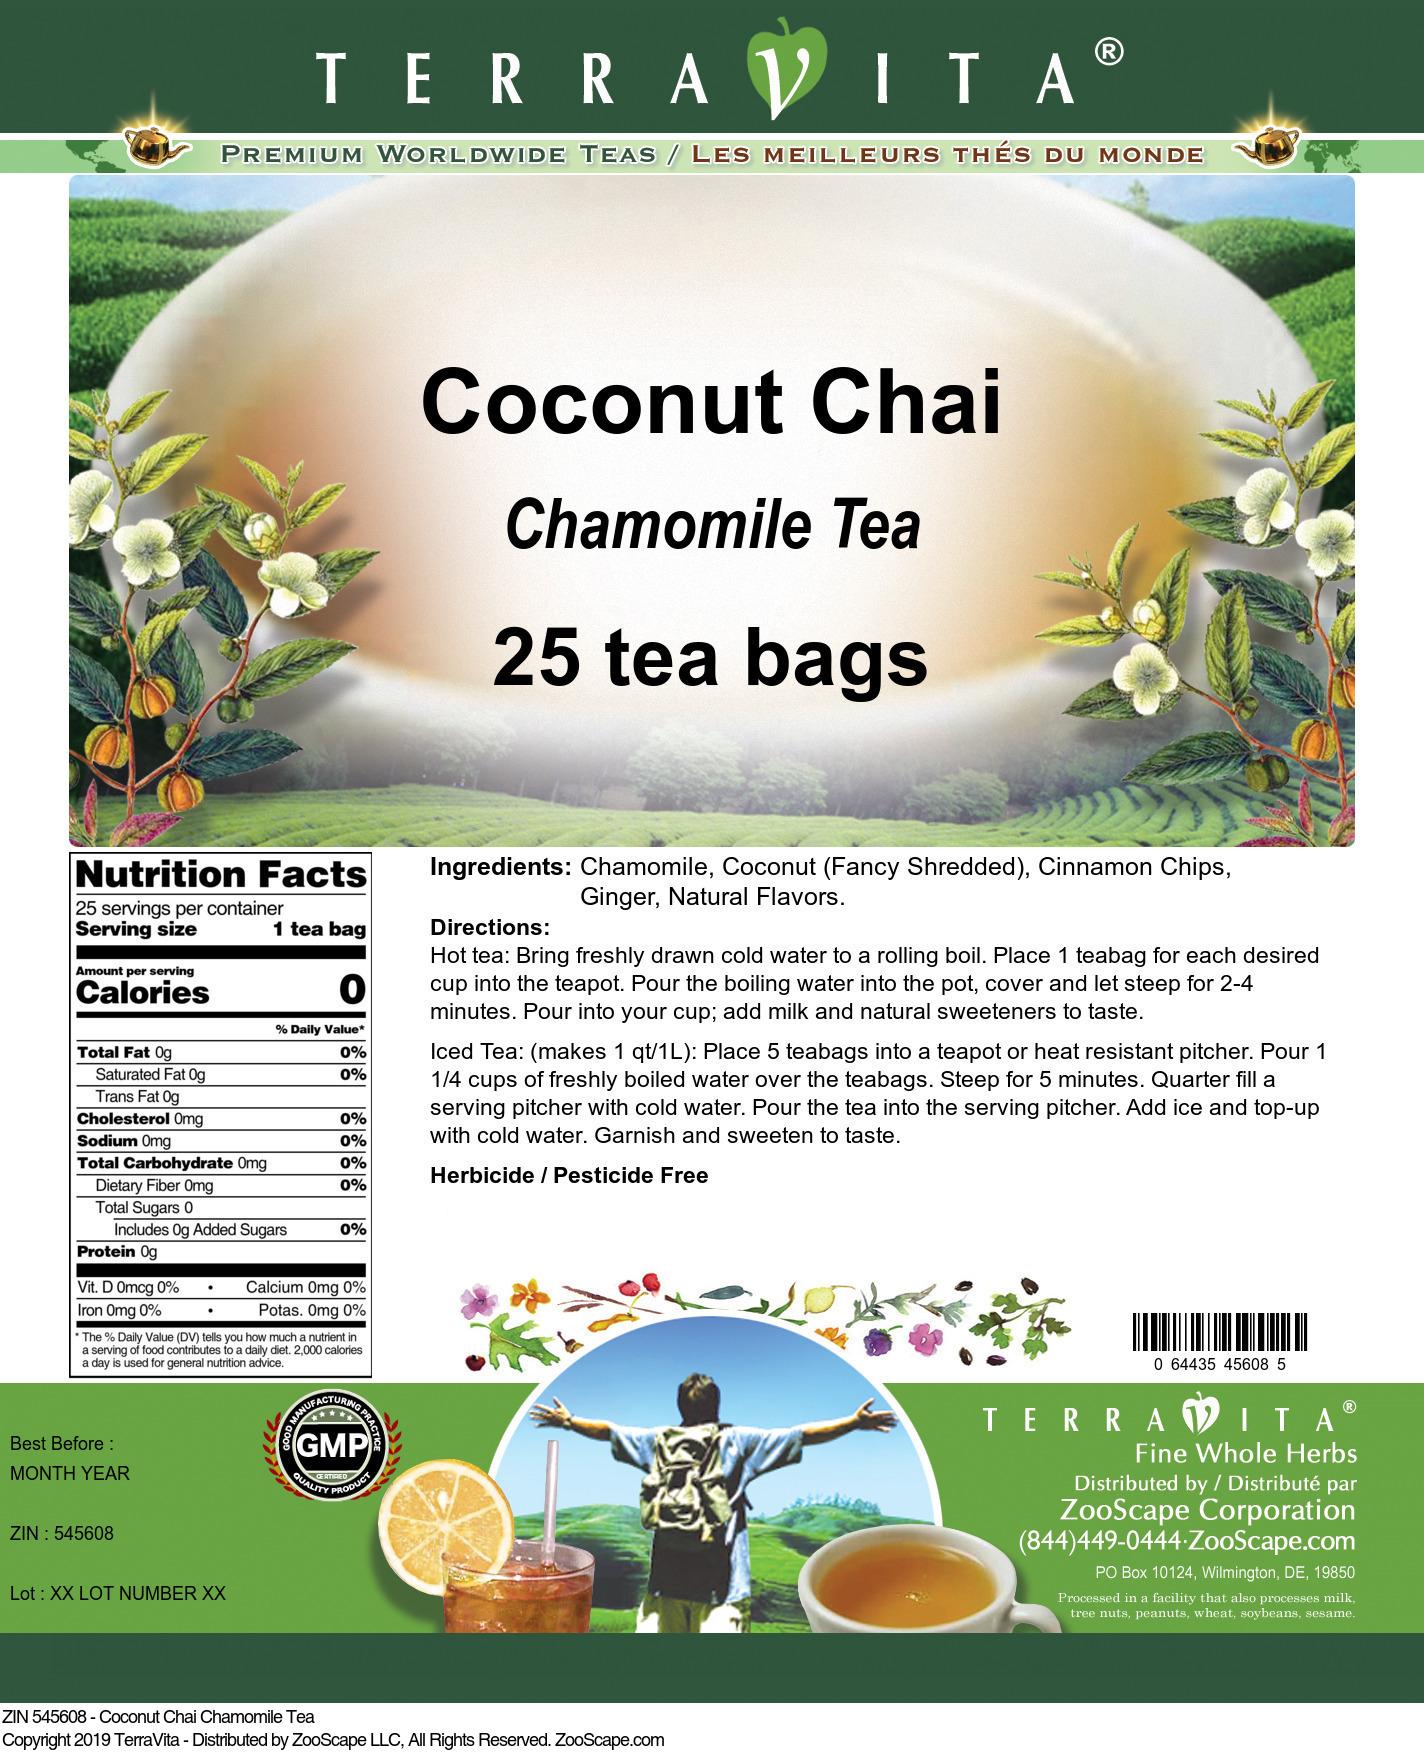 Coconut Chai Chamomile Tea